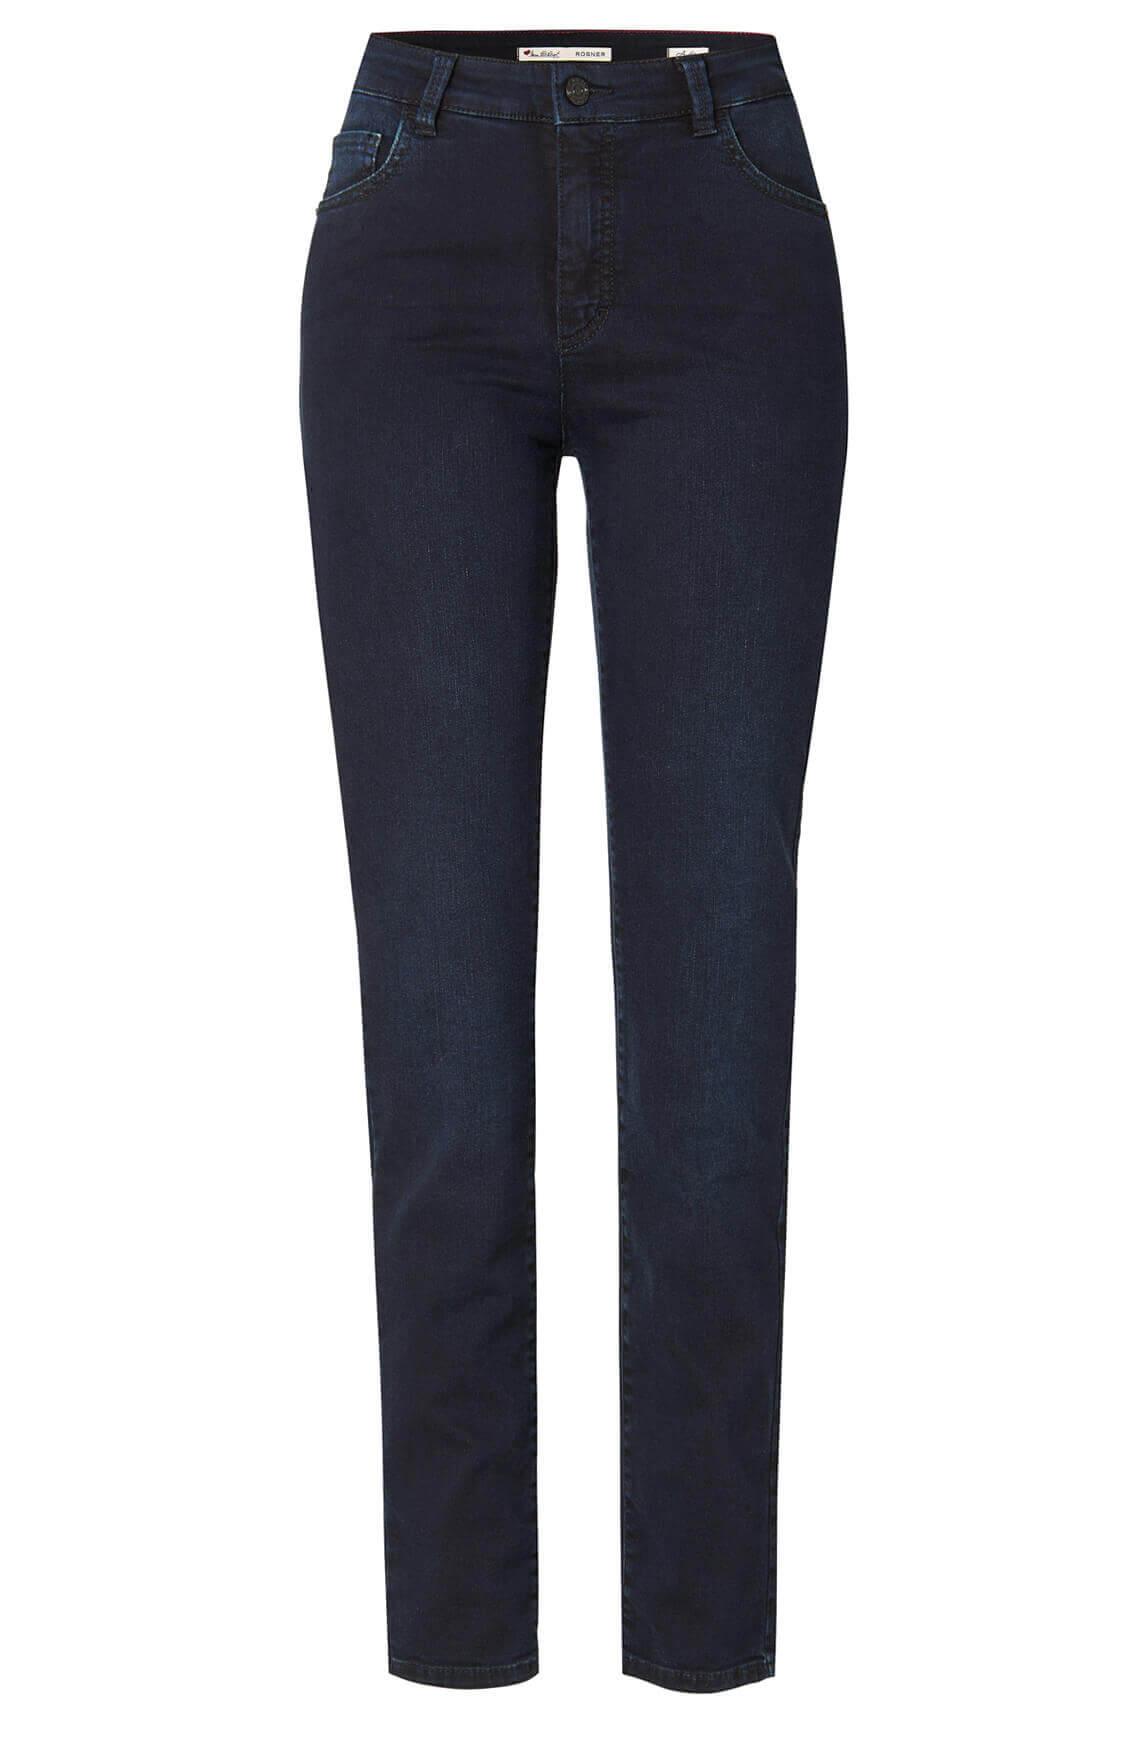 Rosner Dames L34 Audrey jeans Blauw